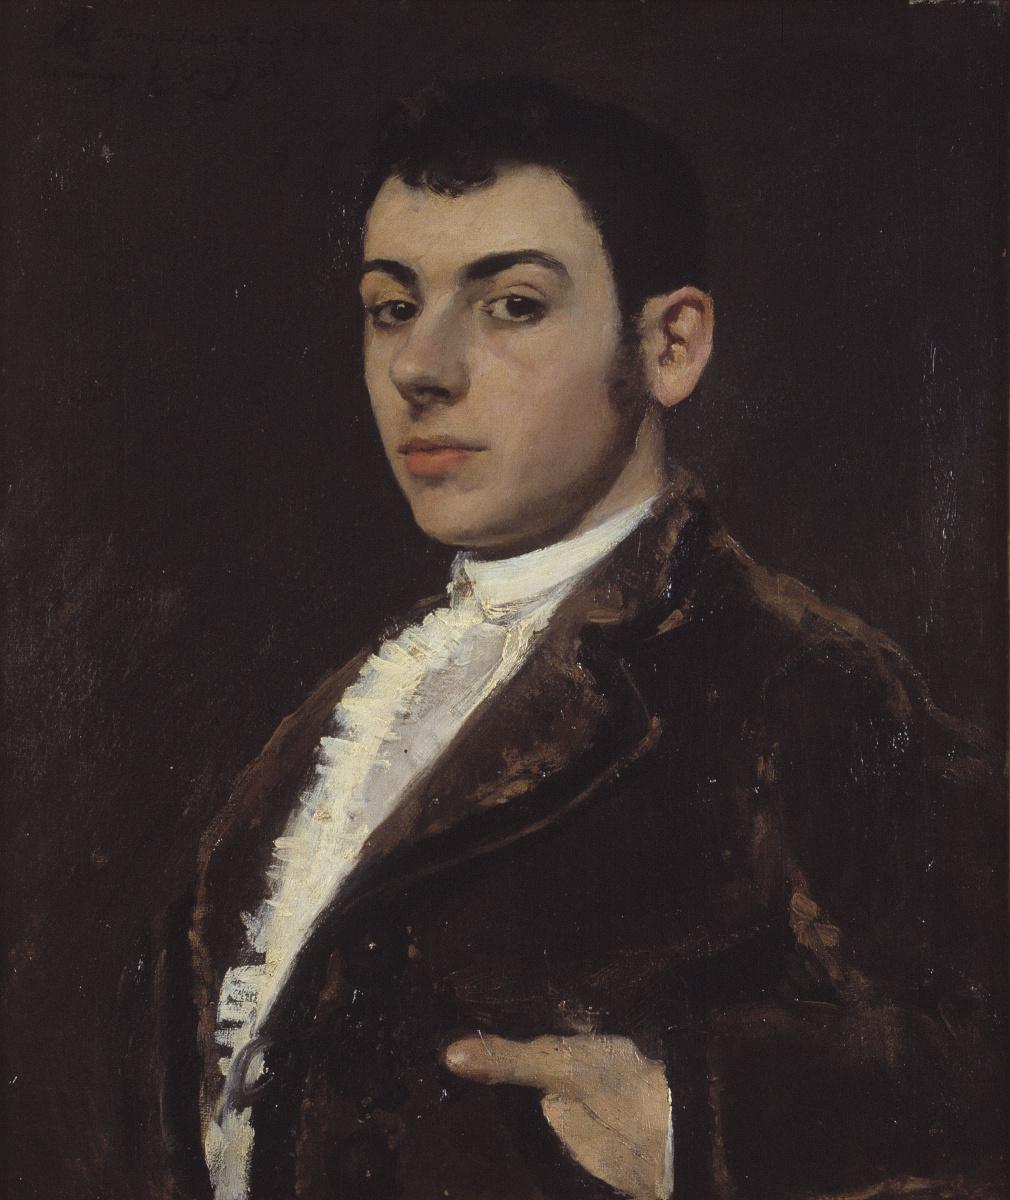 Рамон Касас Карбо. Портрет молодого мужчины